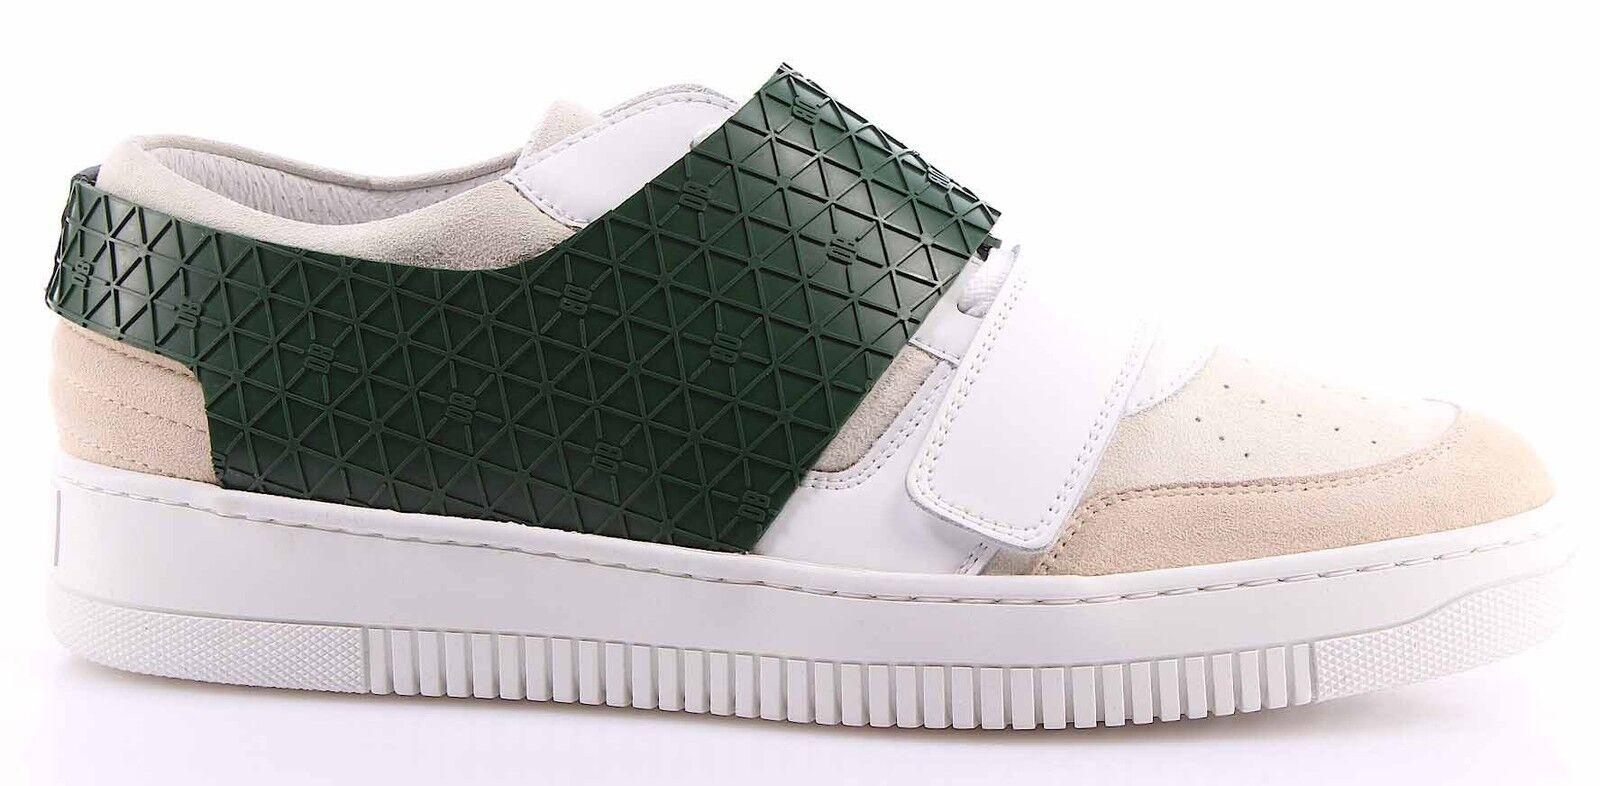 futurism_slon_itmt noirs noirs futurism_slon_itmt nouveau mode hugo boss chaussures a32c99